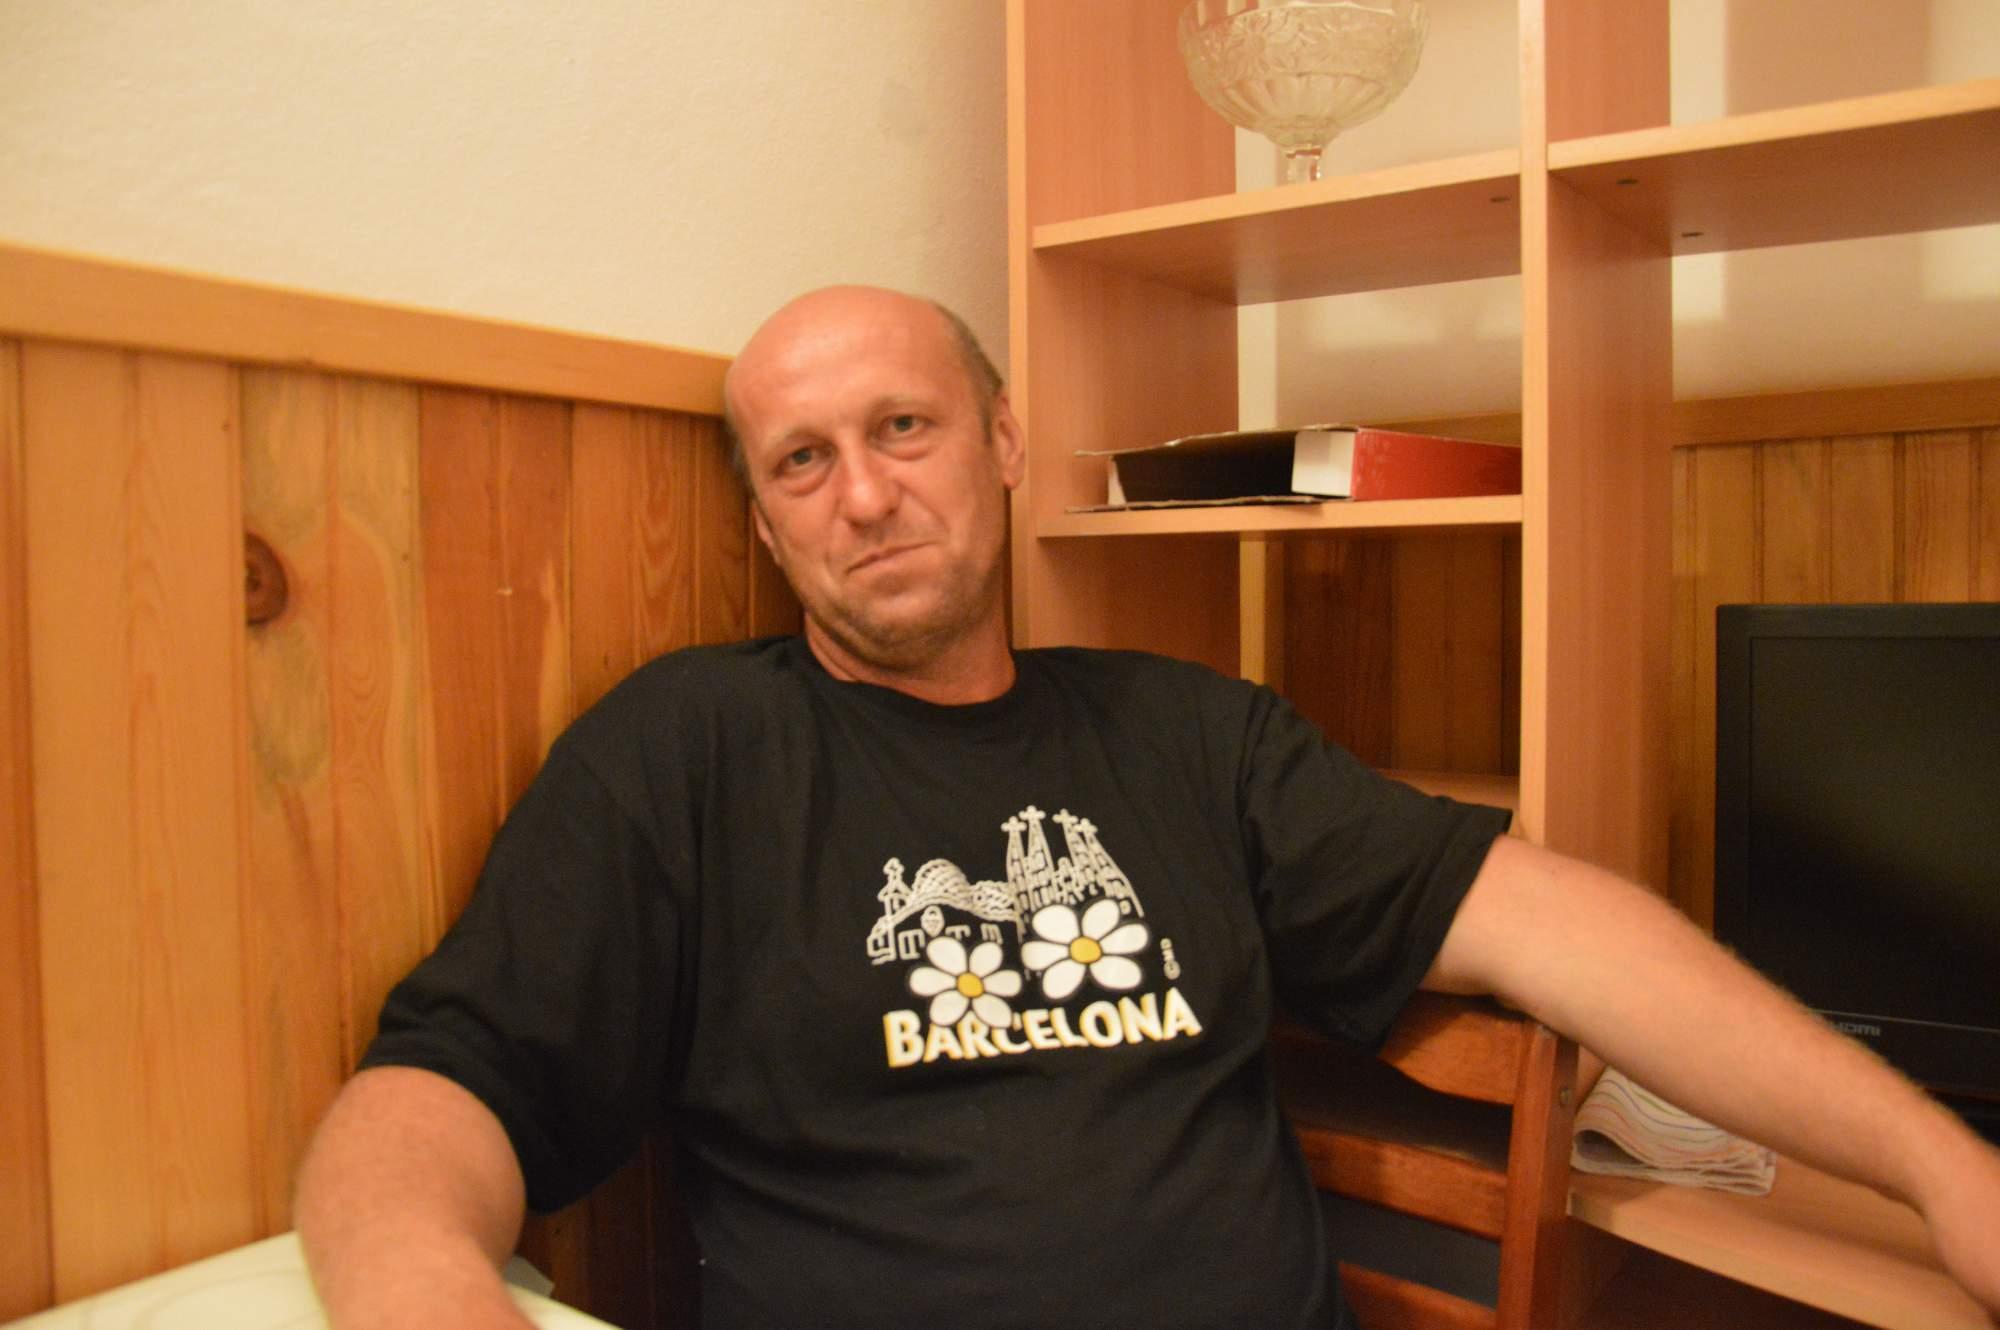 http://img19.rajce.idnes.cz/d1902/11/11369/11369498_ba1b1cc51aa2b100ecd01c05fe1b9075/images/DSC_0815.jpg